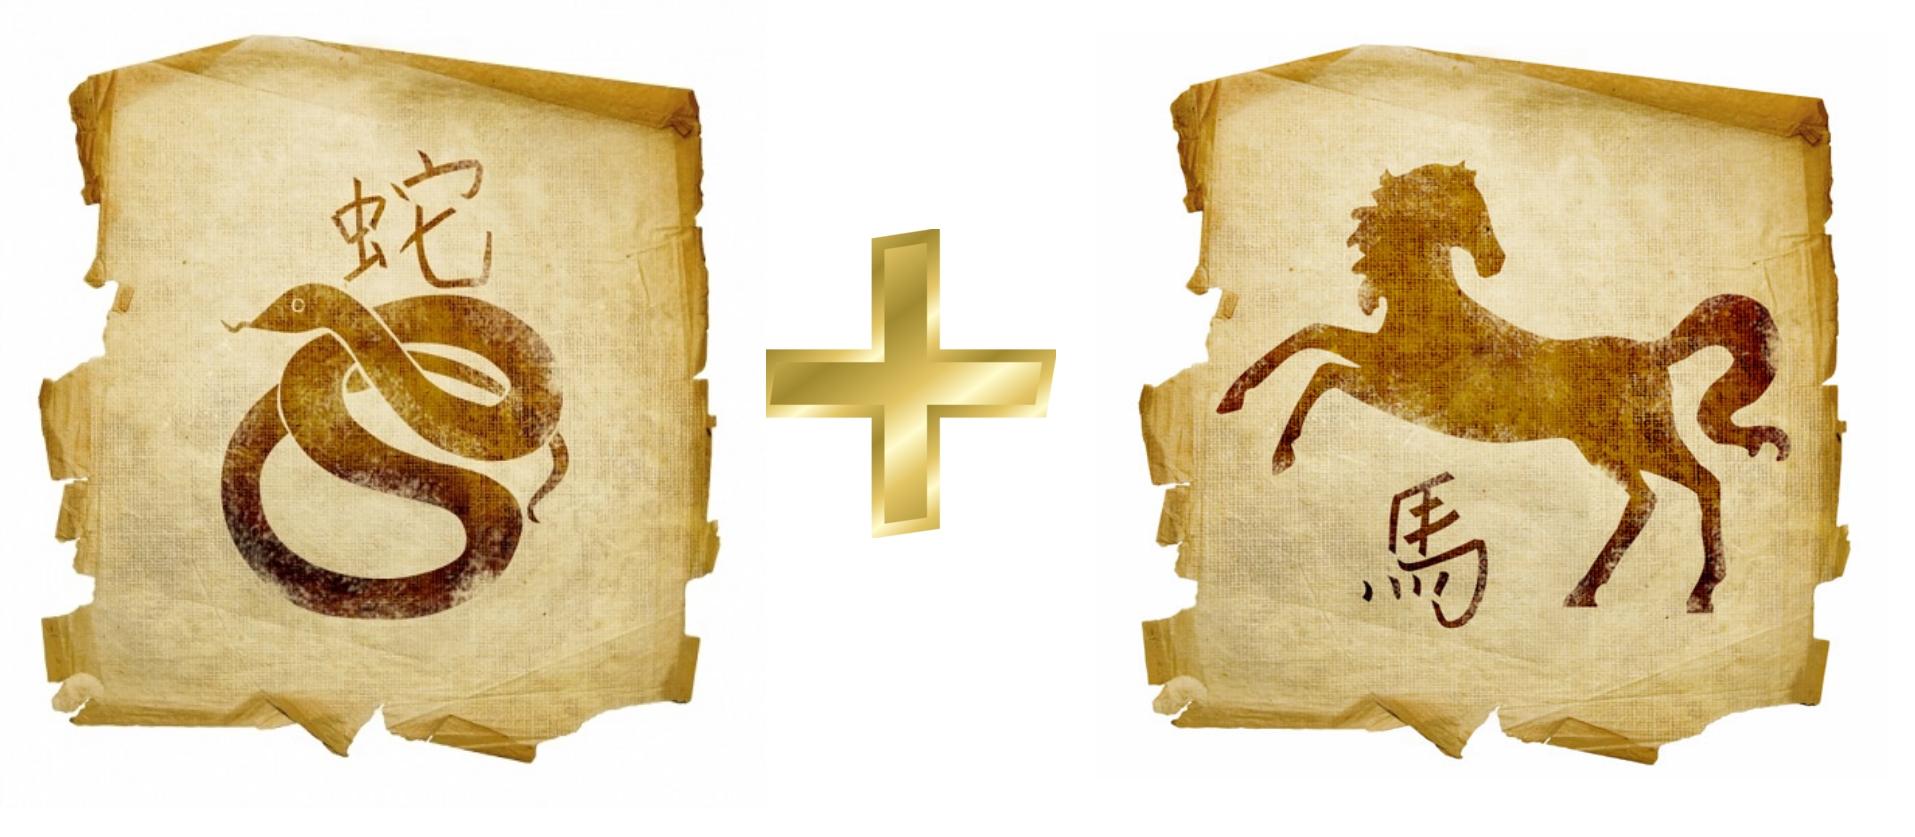 Змея и Лошадь, Конь: гороскоп совместимости в любви